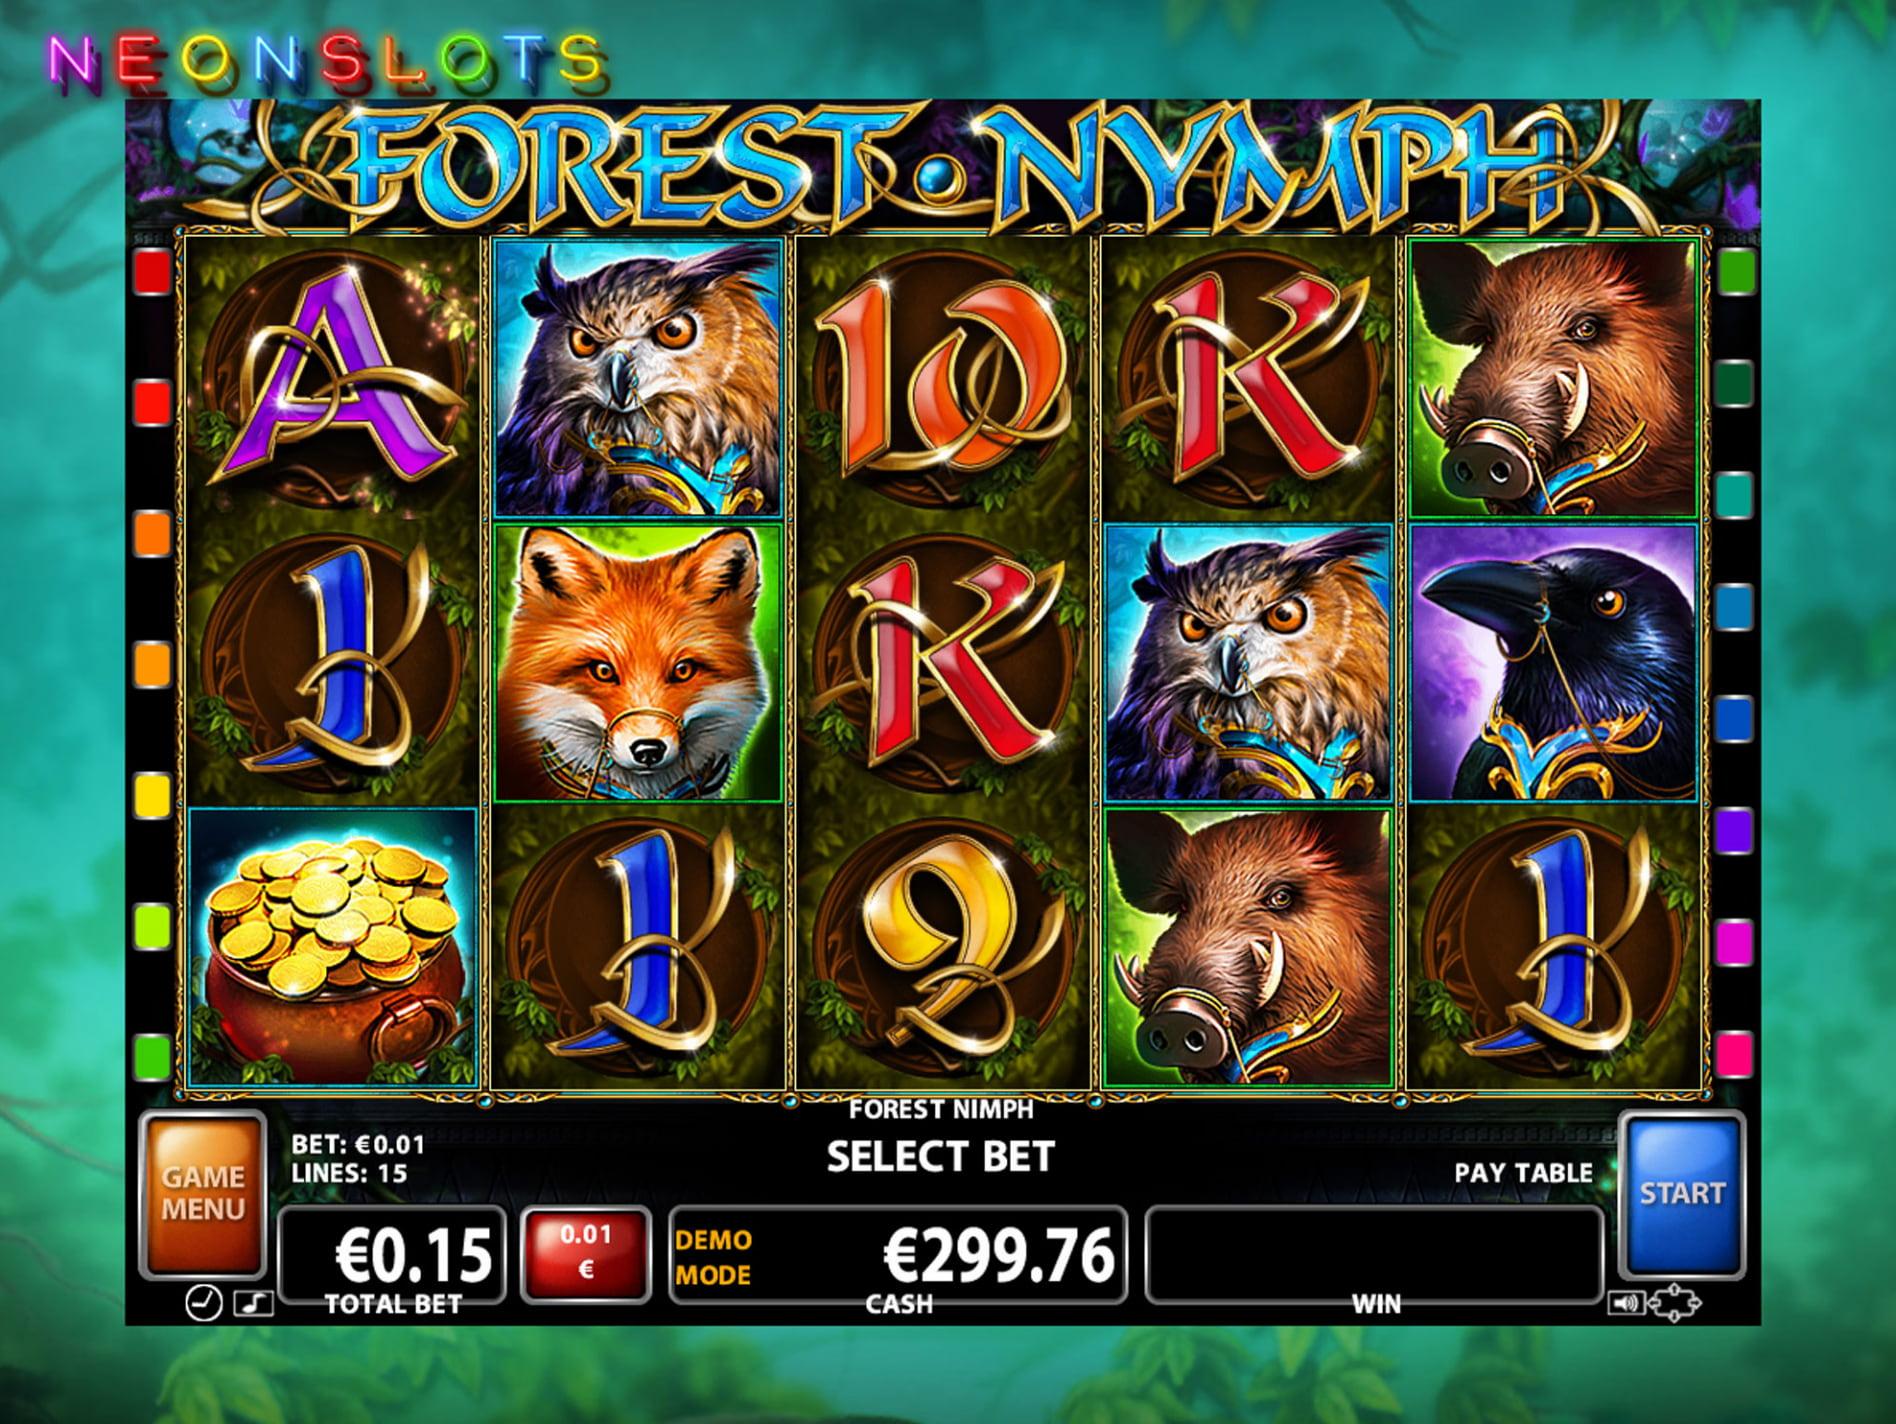 Juegos casino x tragamonedas-561925